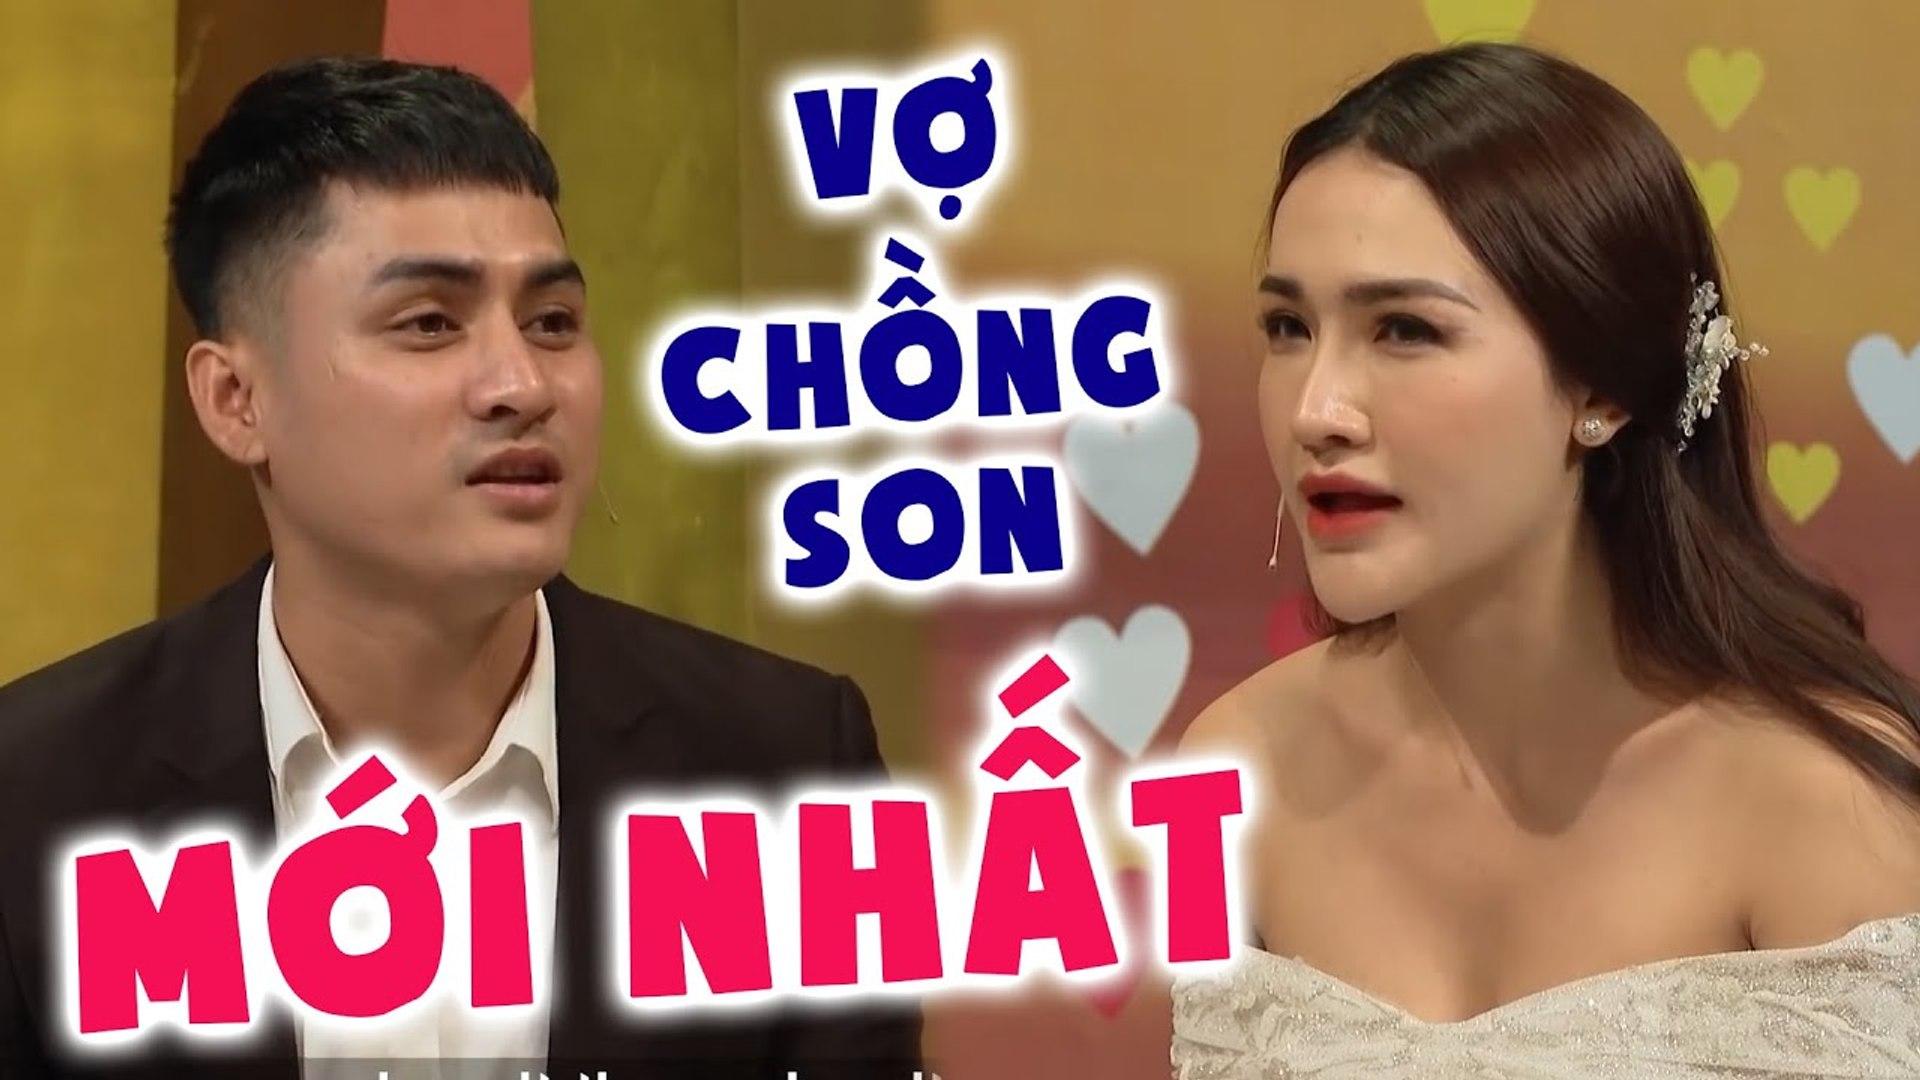 [Tập 369] Vợ Chồng Son Mới Nhất | Khắc Thế - Kim Xuân | Hải Quyết - Bội Tuyền | VỢ CHỒNG SON 2020